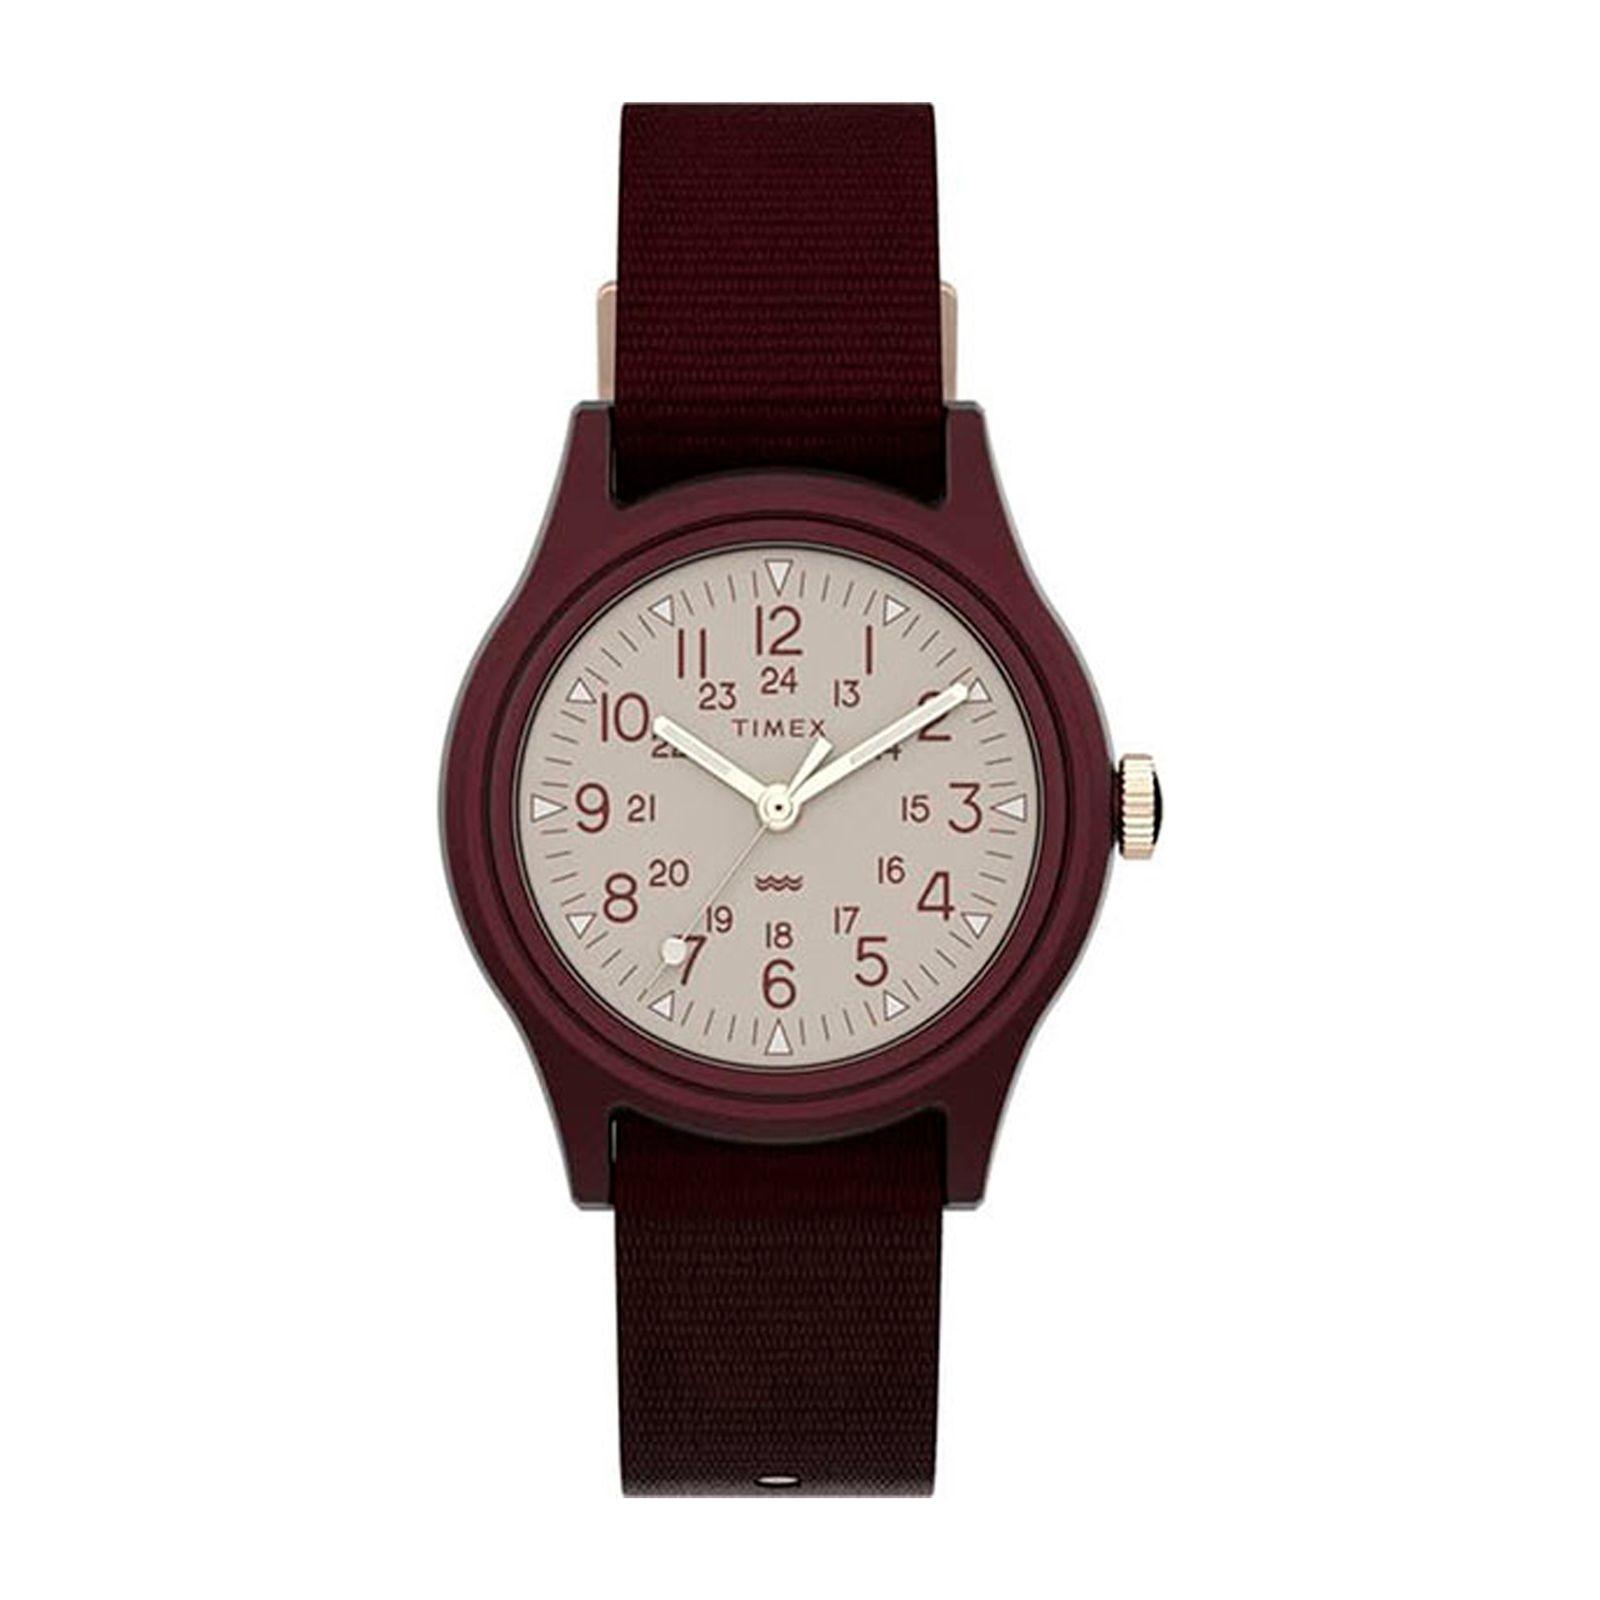 ساعت مچی عقربه ای زنانه تایمکس مدل TW2T76900 -  - 1